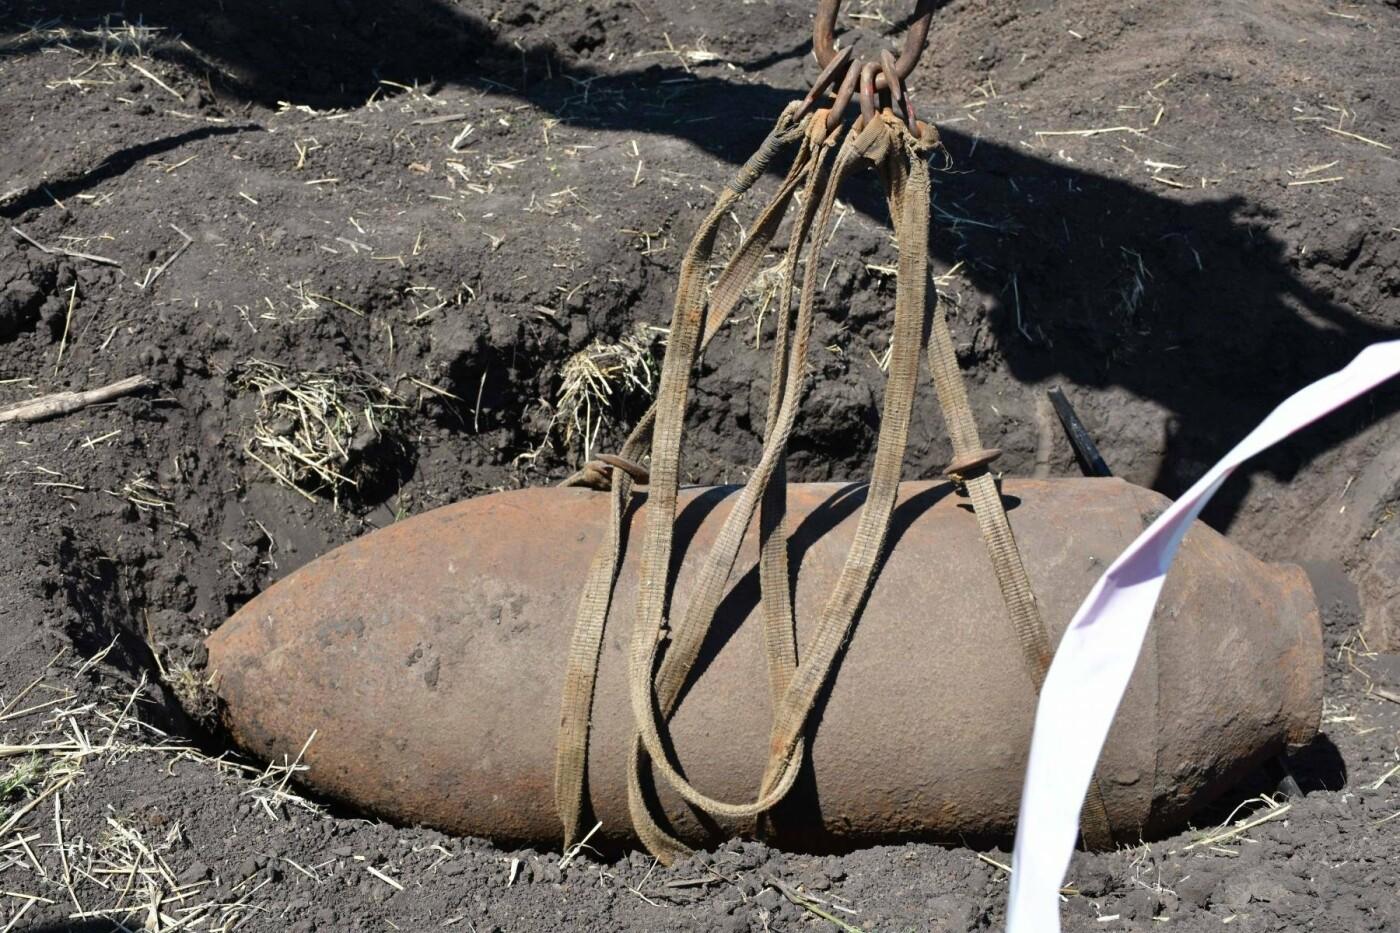 На Днепропетровщине нашли бомбу времен прошлых войн, - ФОТО, ВИДЕО, фото-1